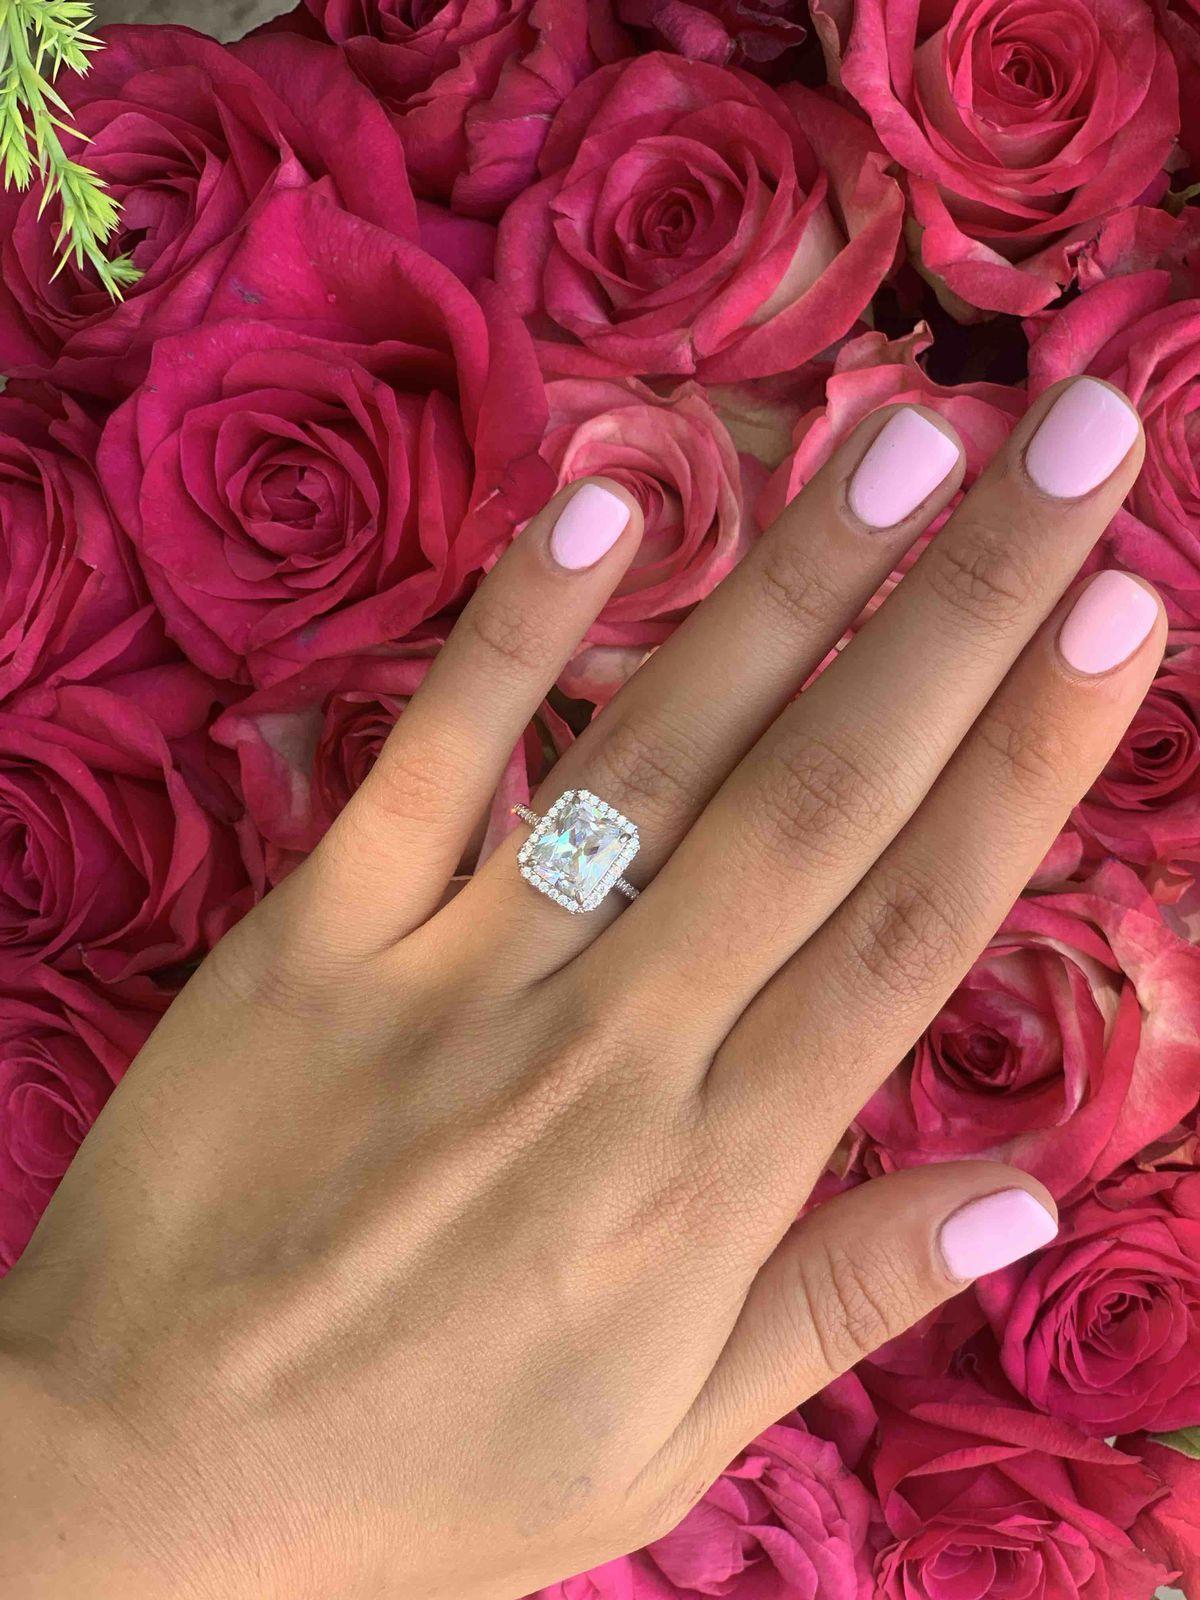 Супер кольцо, очень довольна покупкой